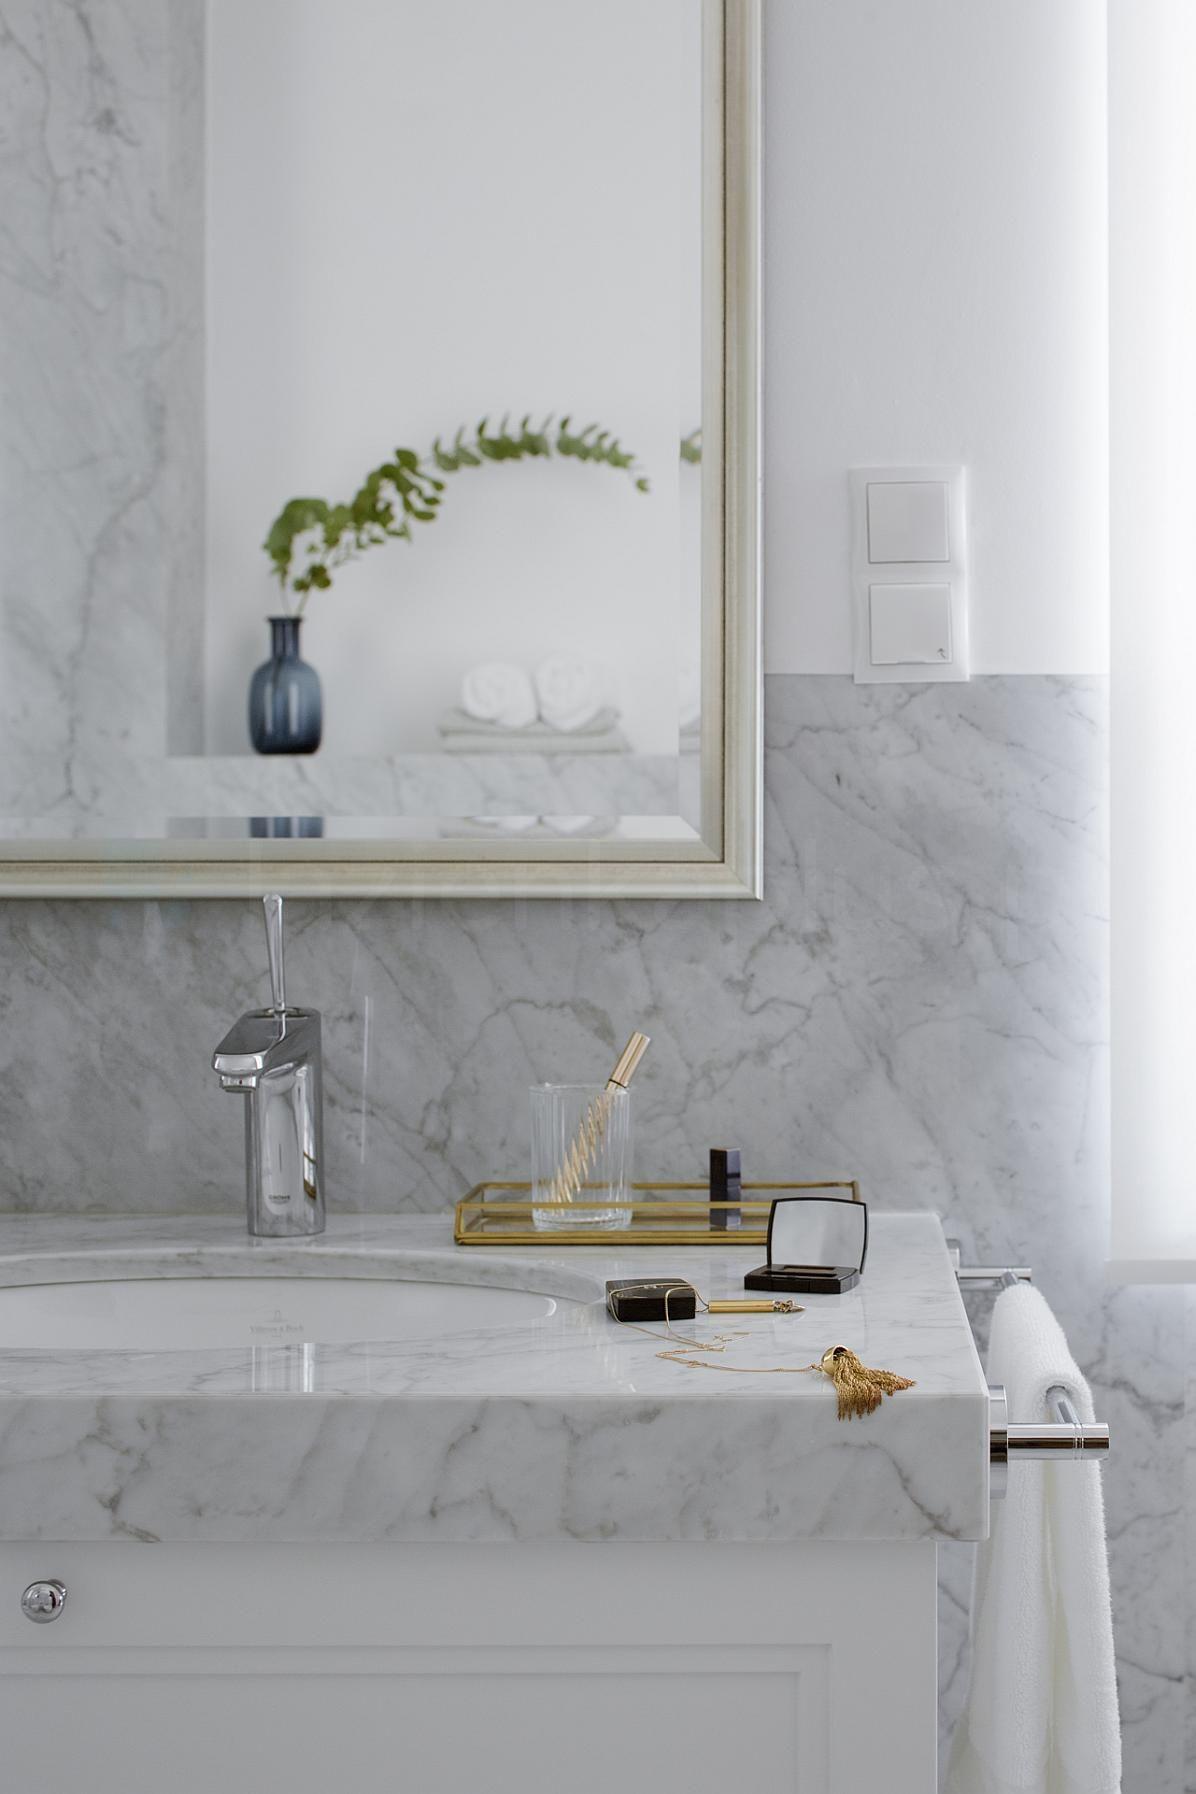 Łazienka z efektowną baterią umywalkową